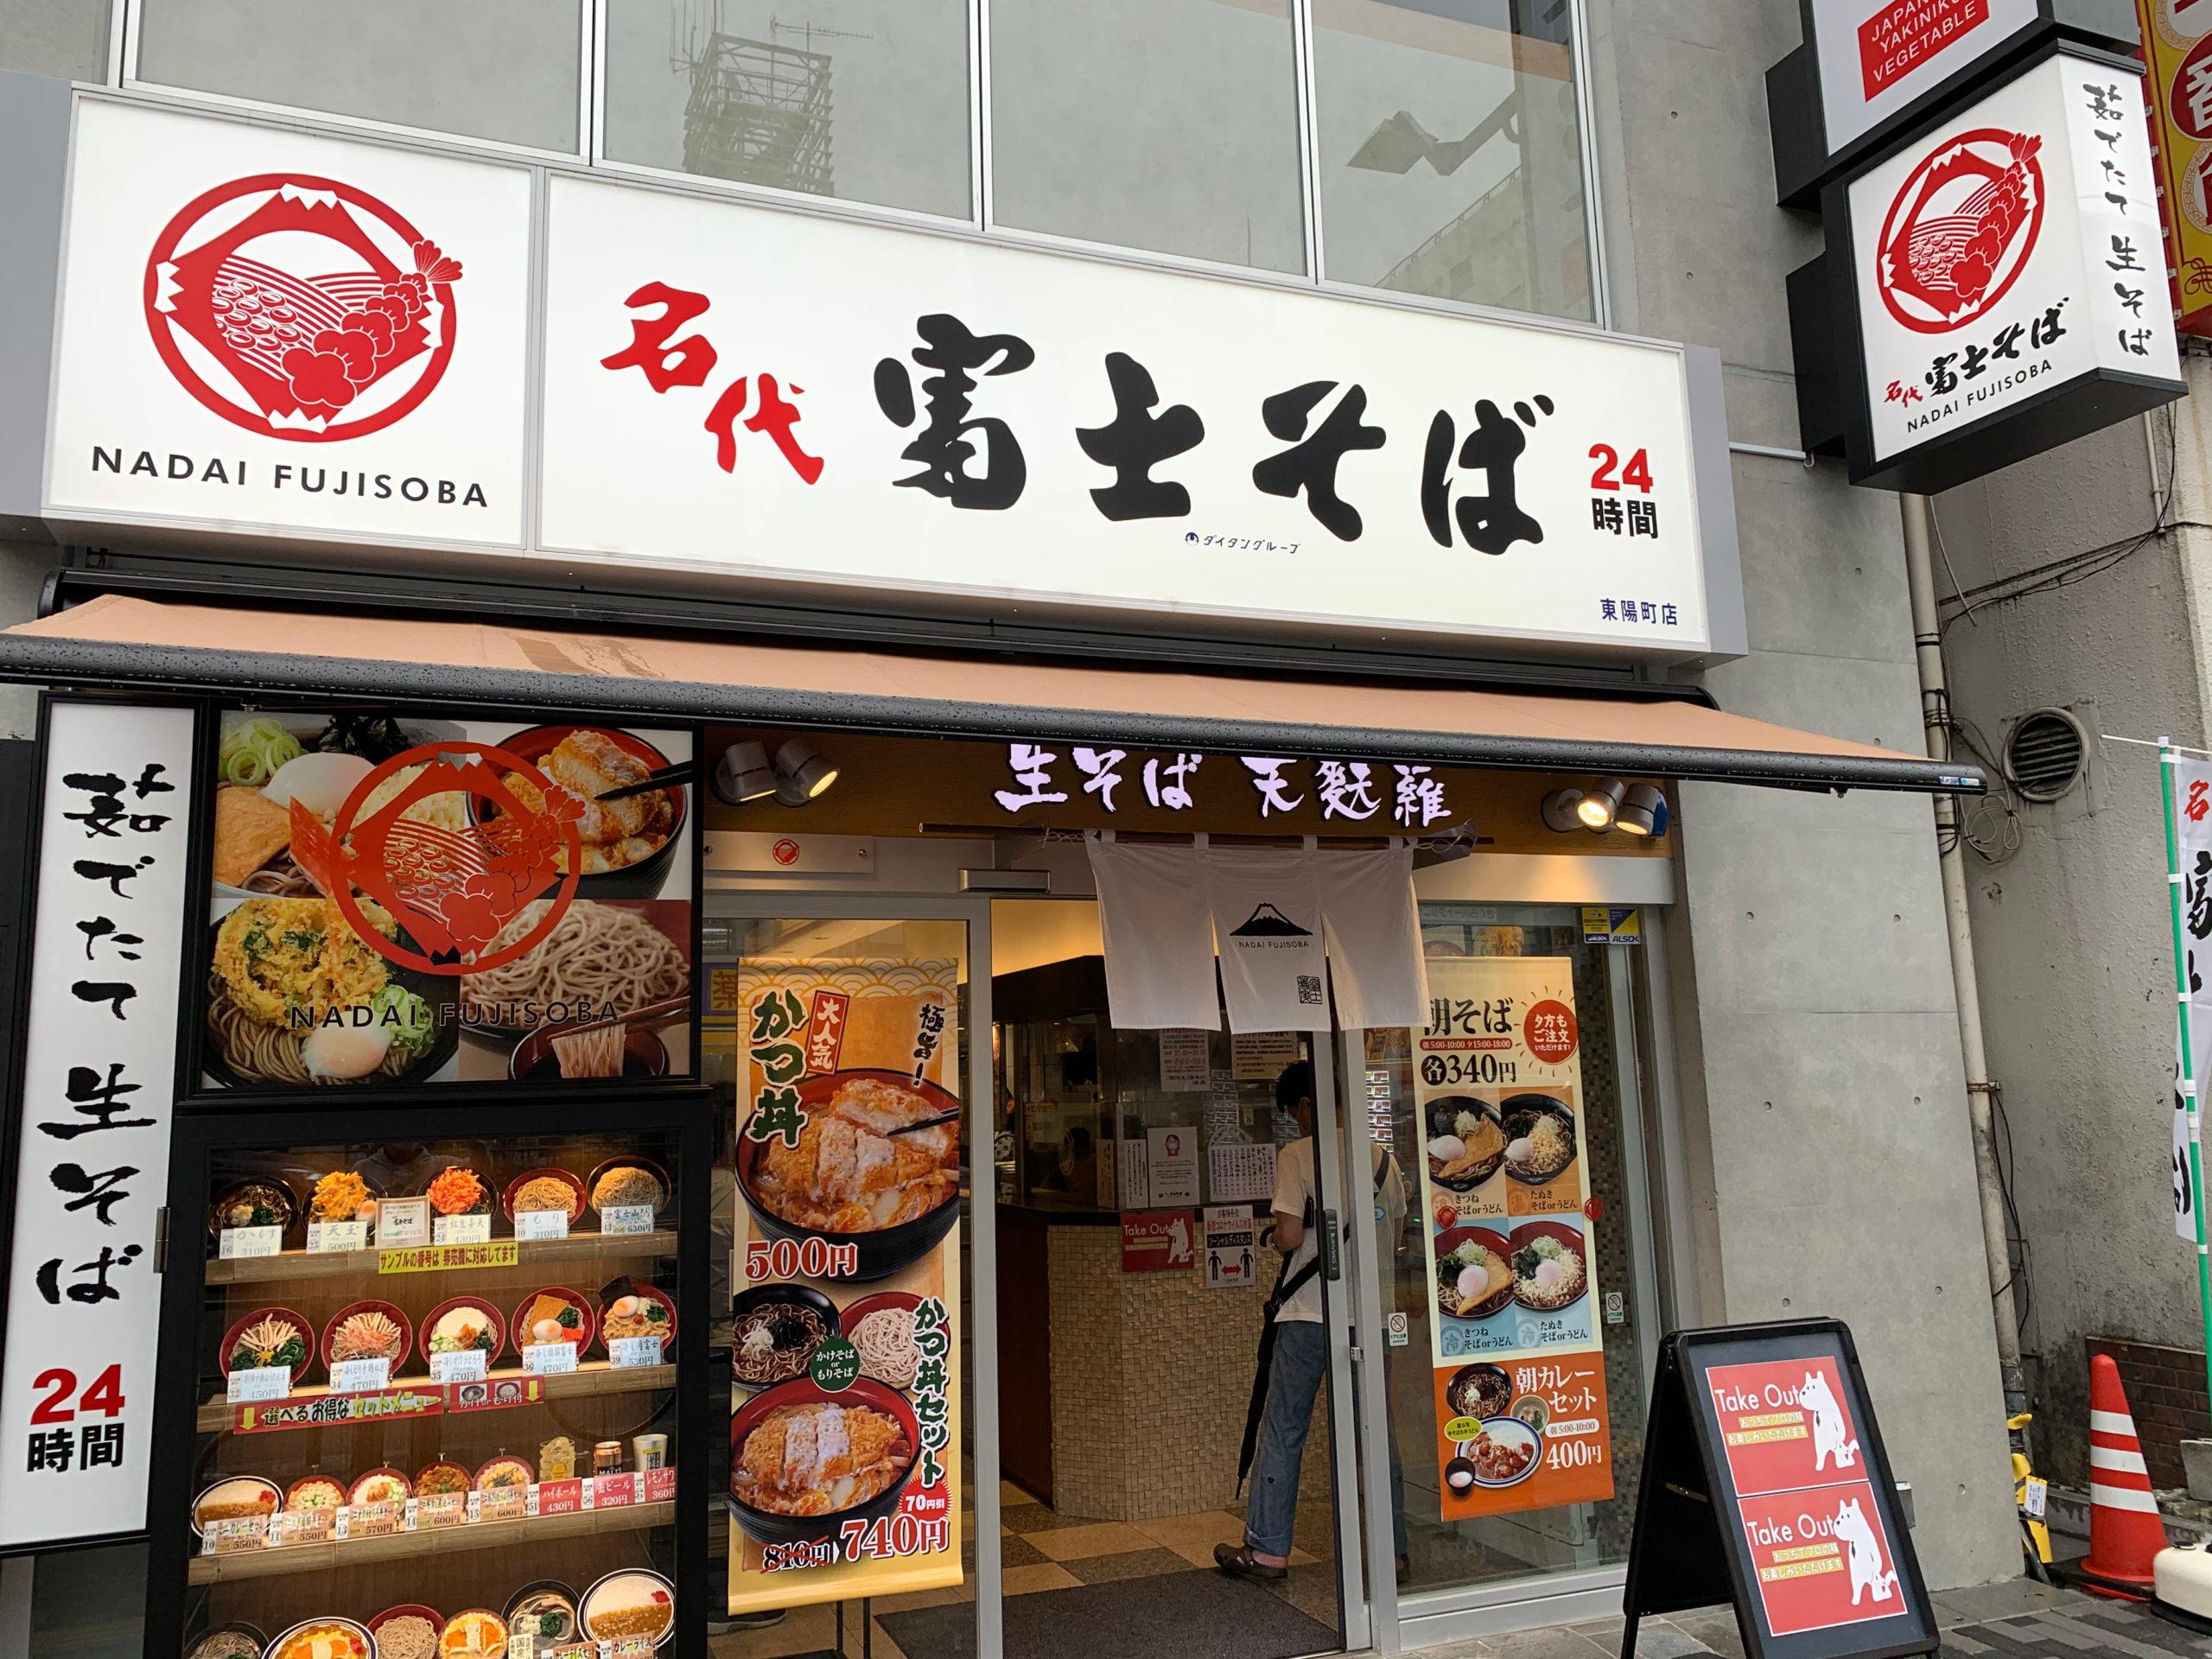 江東区初出店の「名代富士そば」は、テイクアウトでも美味しく頂く事が出来ます